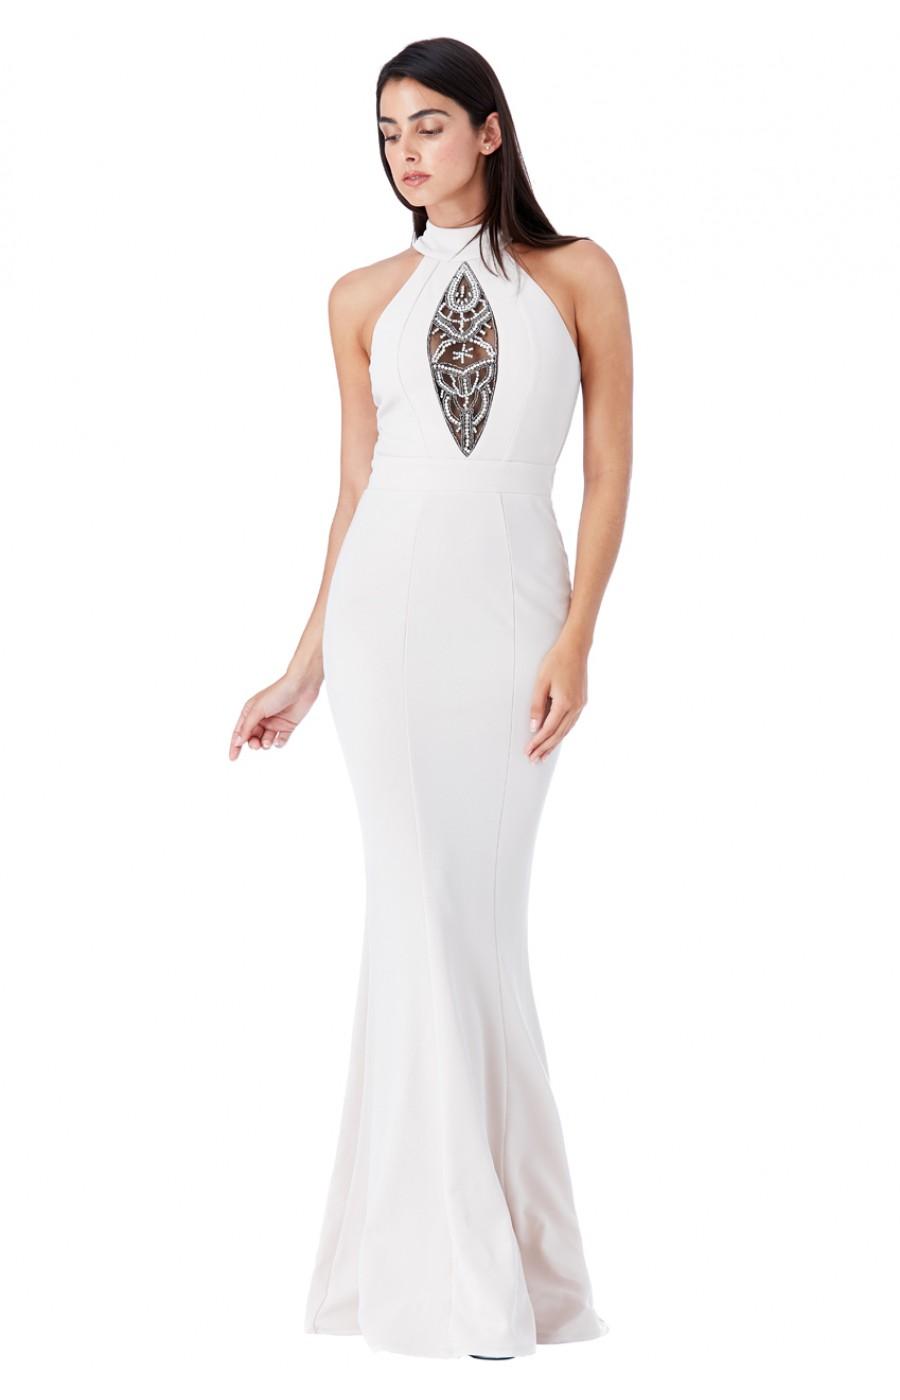 Μακρύ μπέζ φόρεμα με κέντημα στο μπροστά μέρος